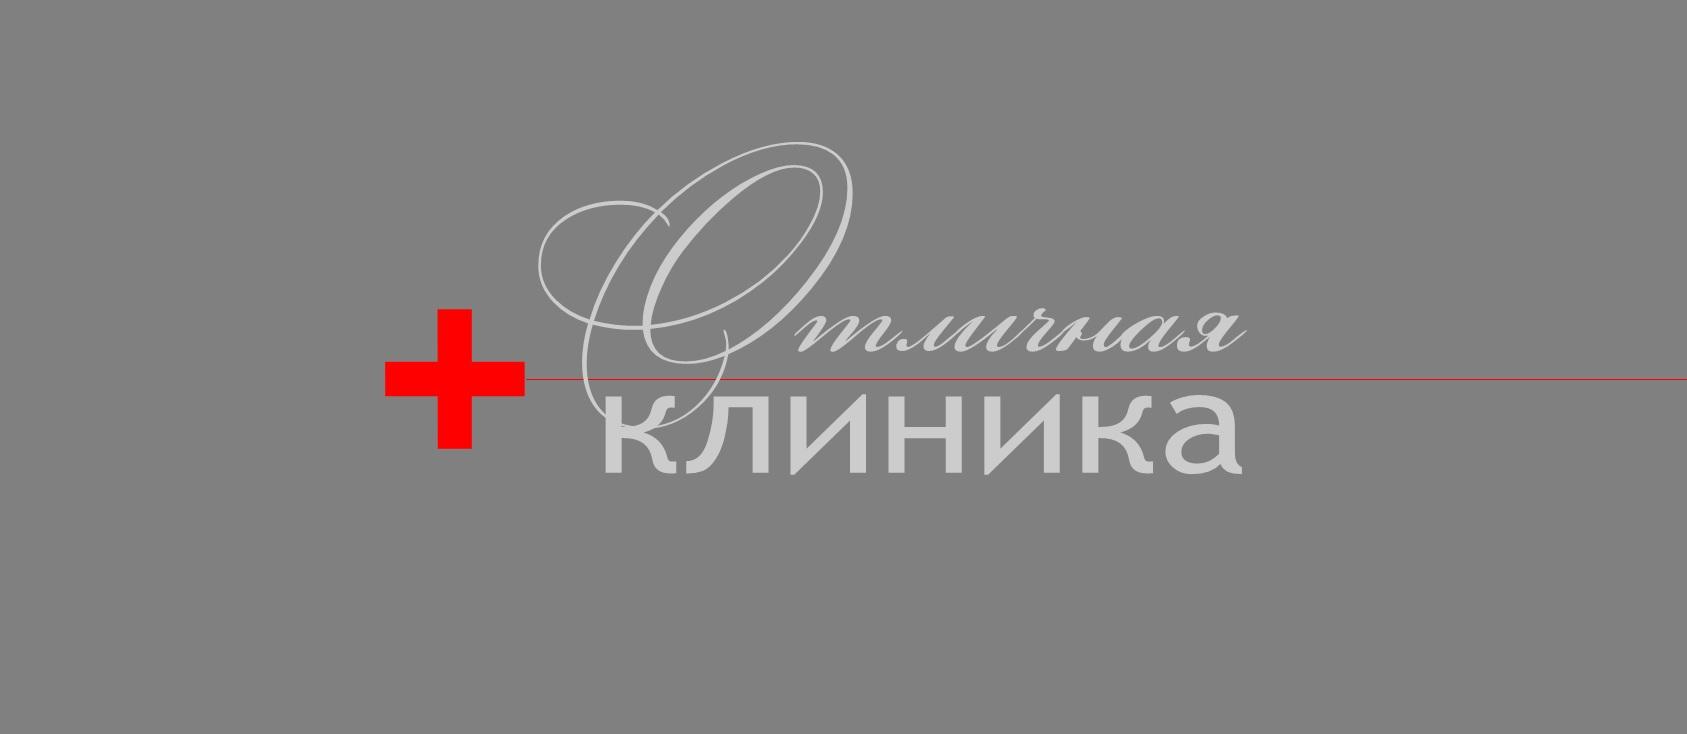 Логотип и фирменный стиль частной клиники фото f_6245c93814ce2b09.jpg